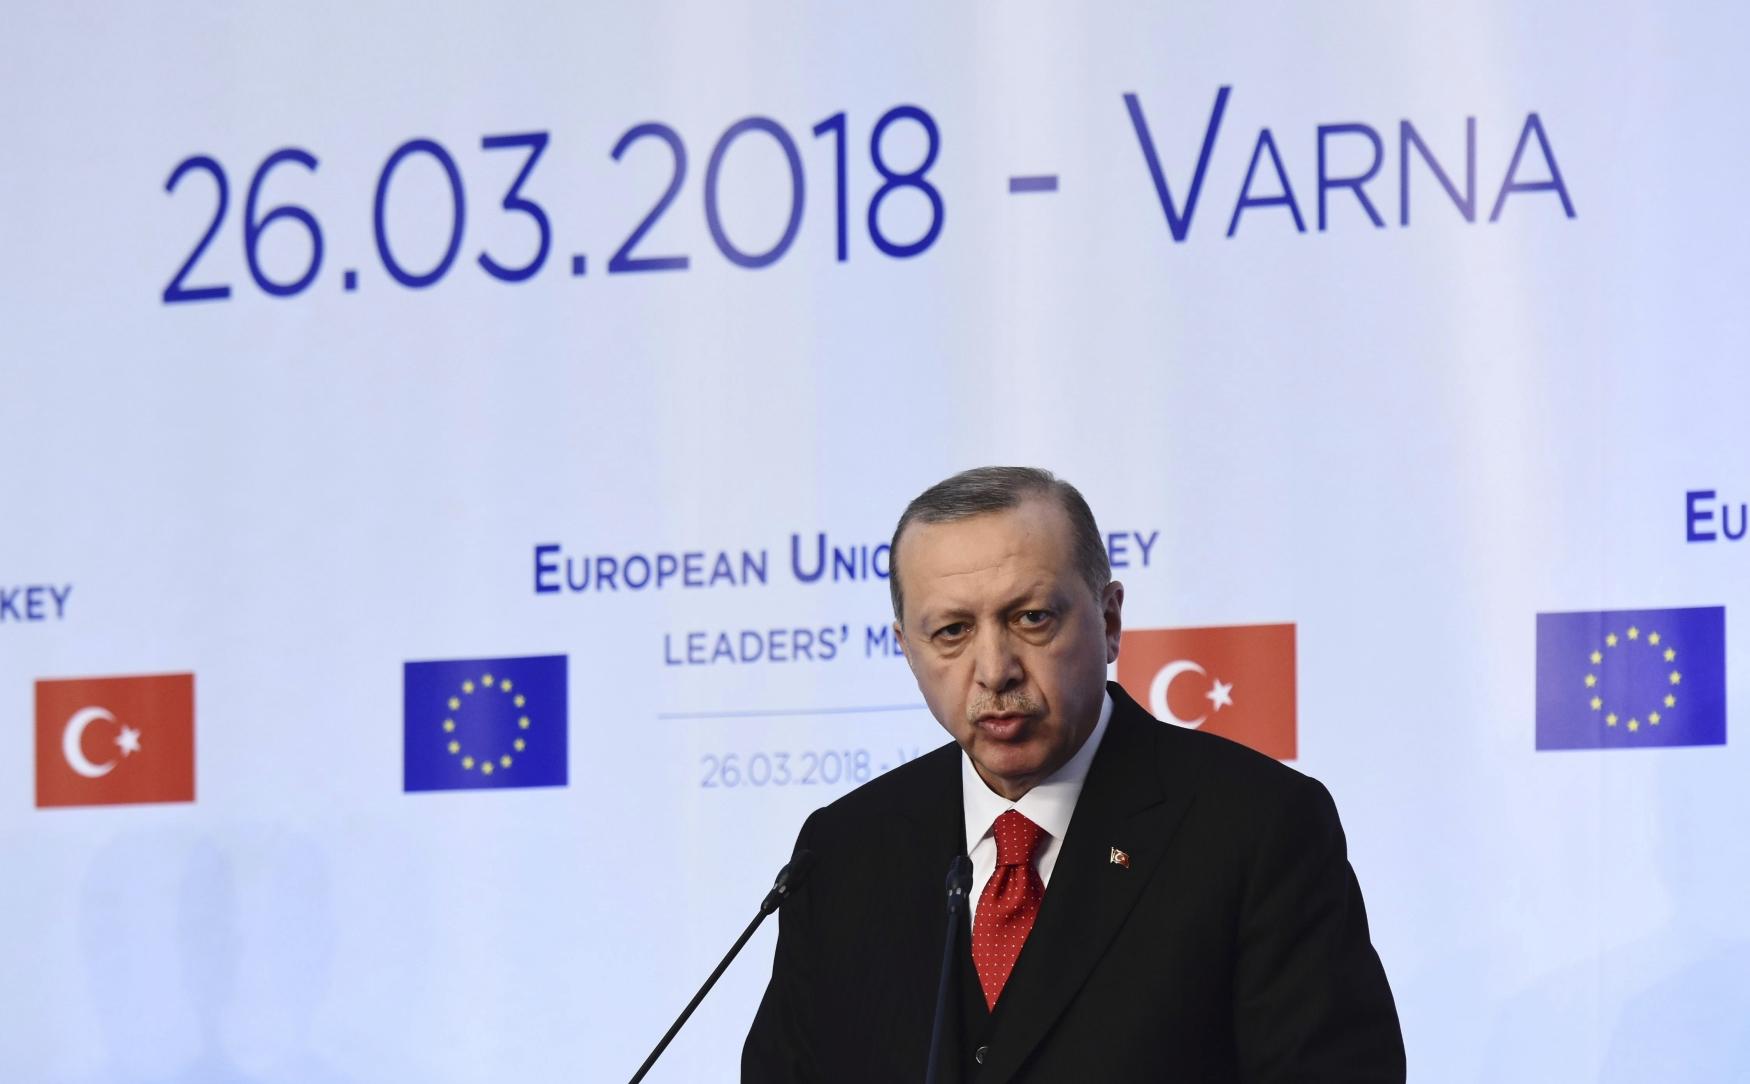 Recep Tayyip Erdogan na summitu v bulharské Varně